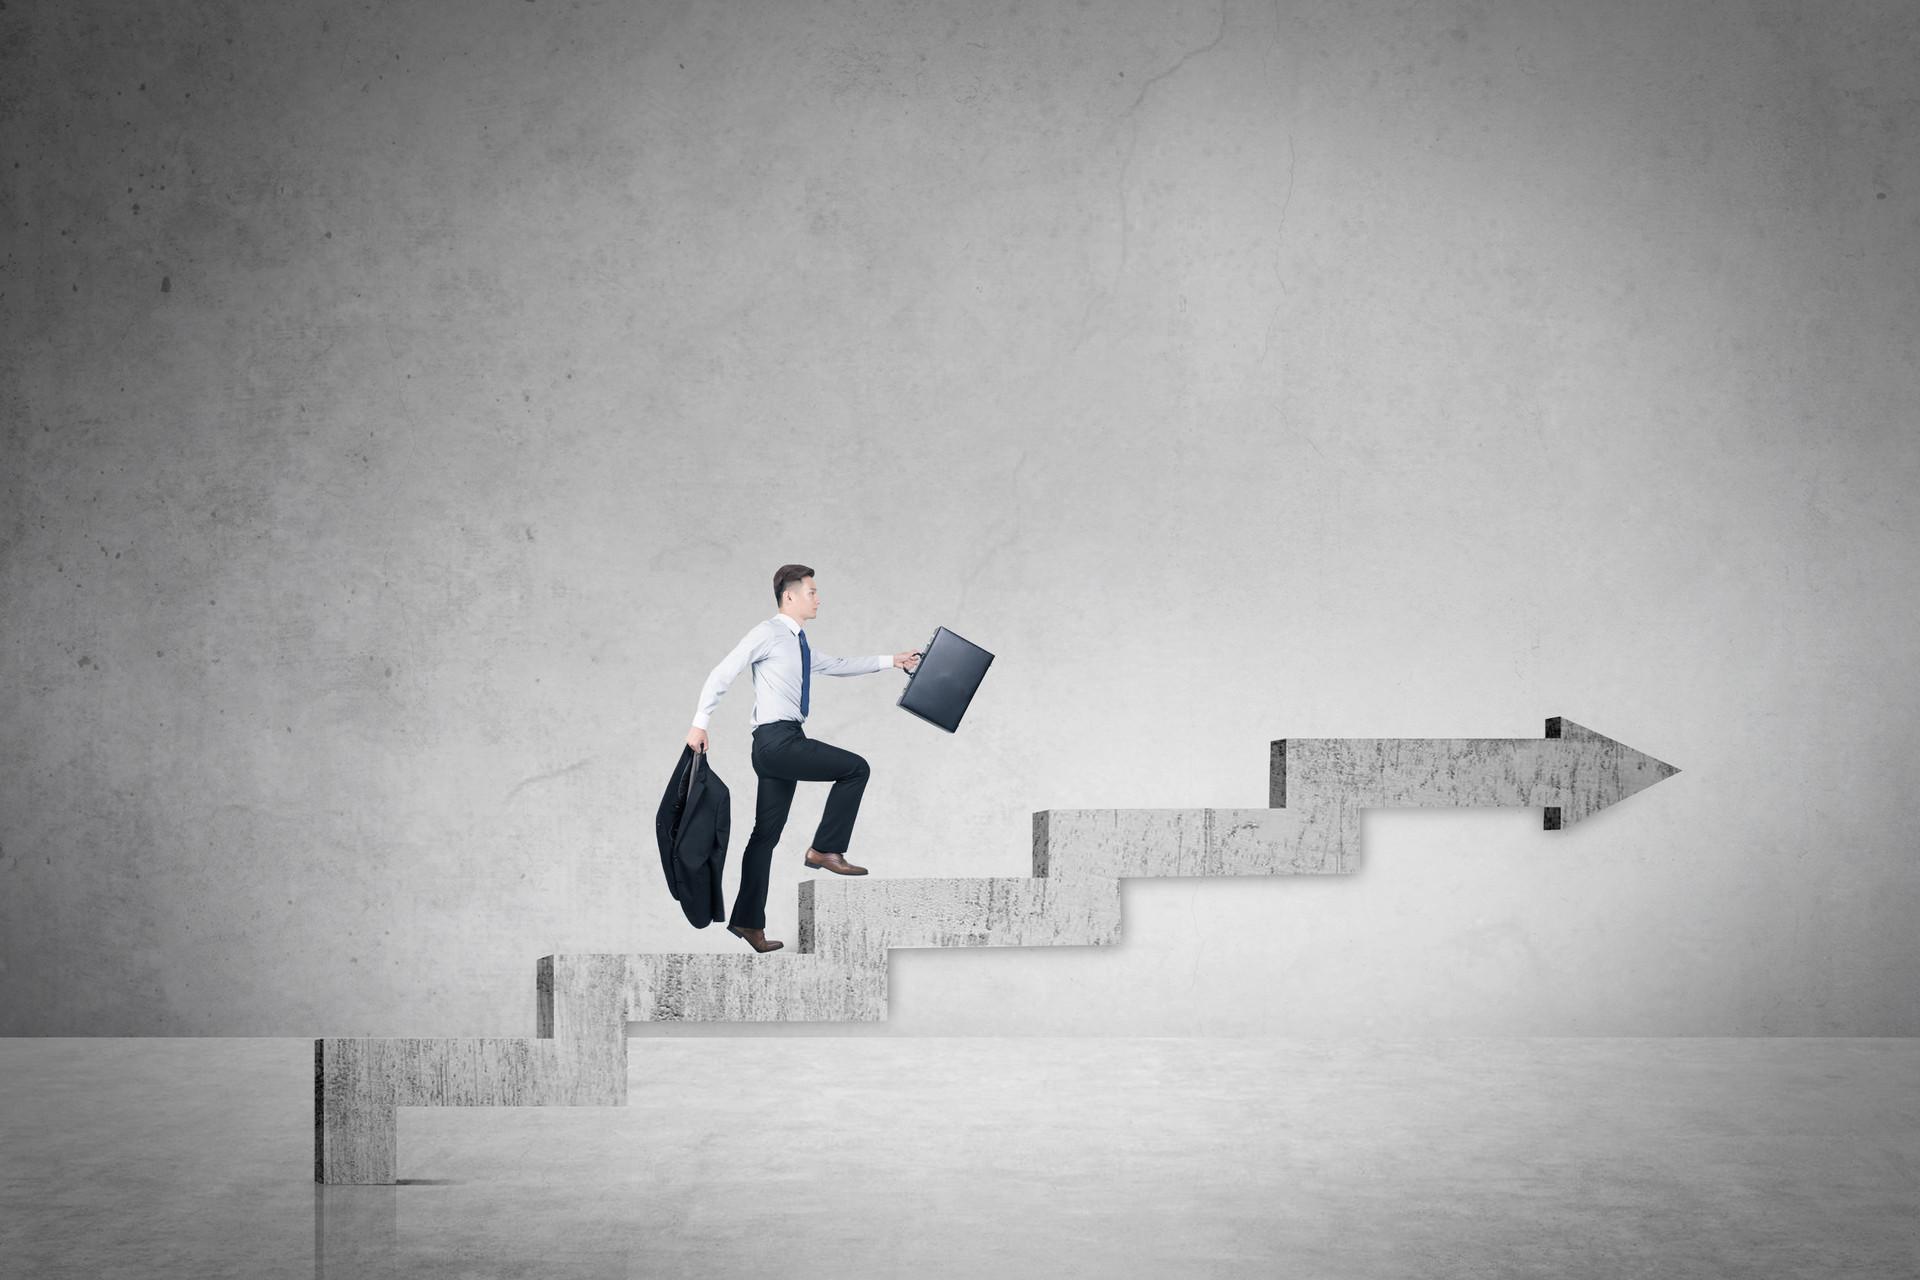 直销事业怎么样?如何做好直销事业?